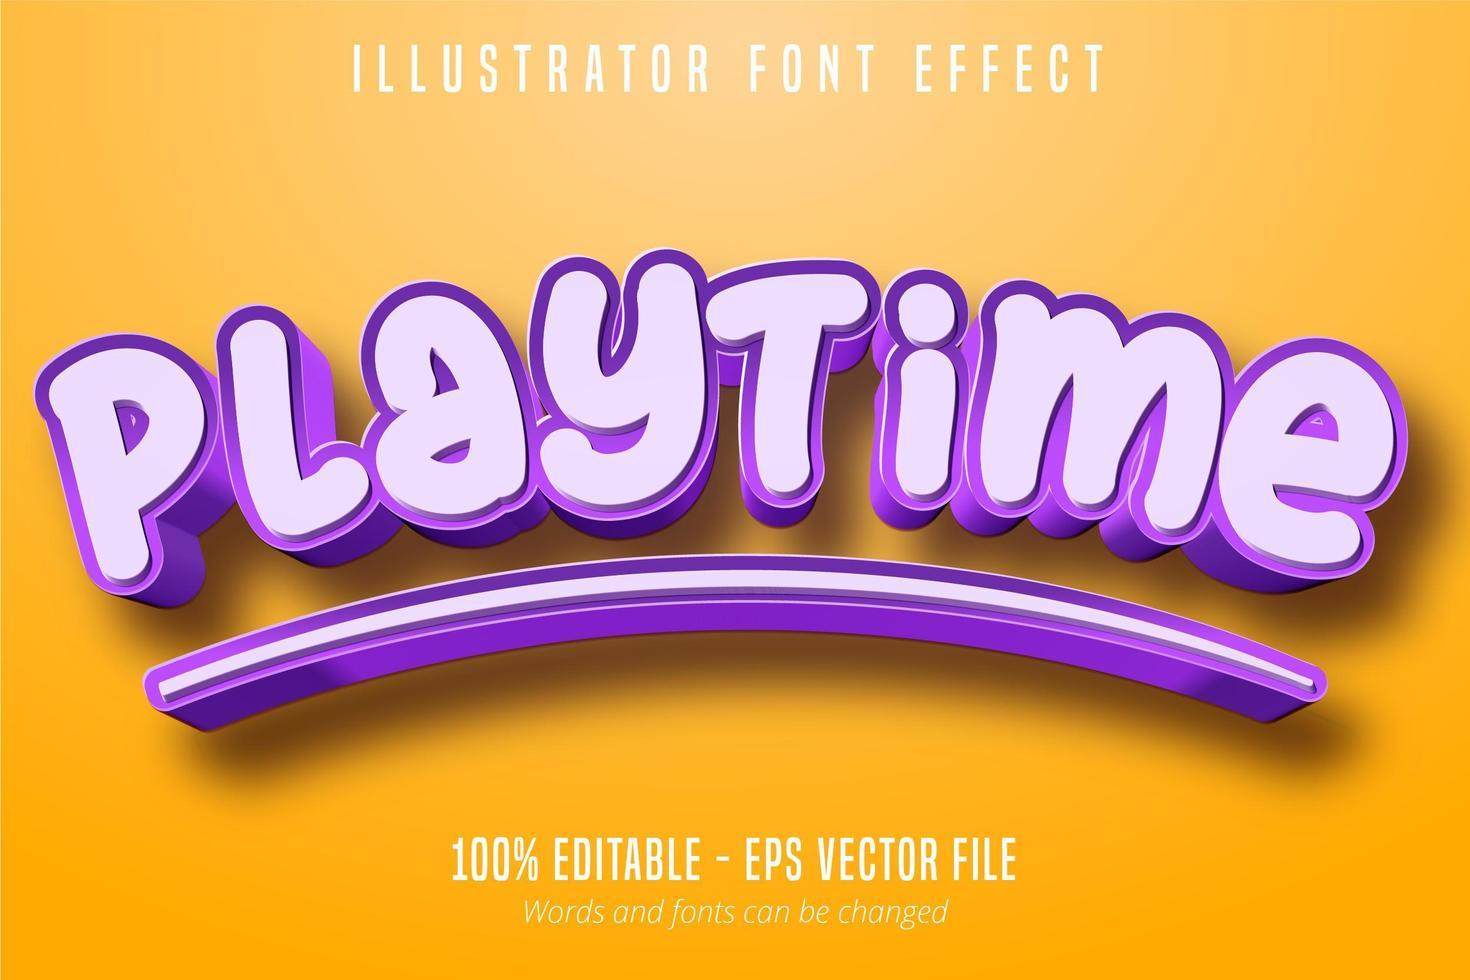 speeltijd teksteffect vector